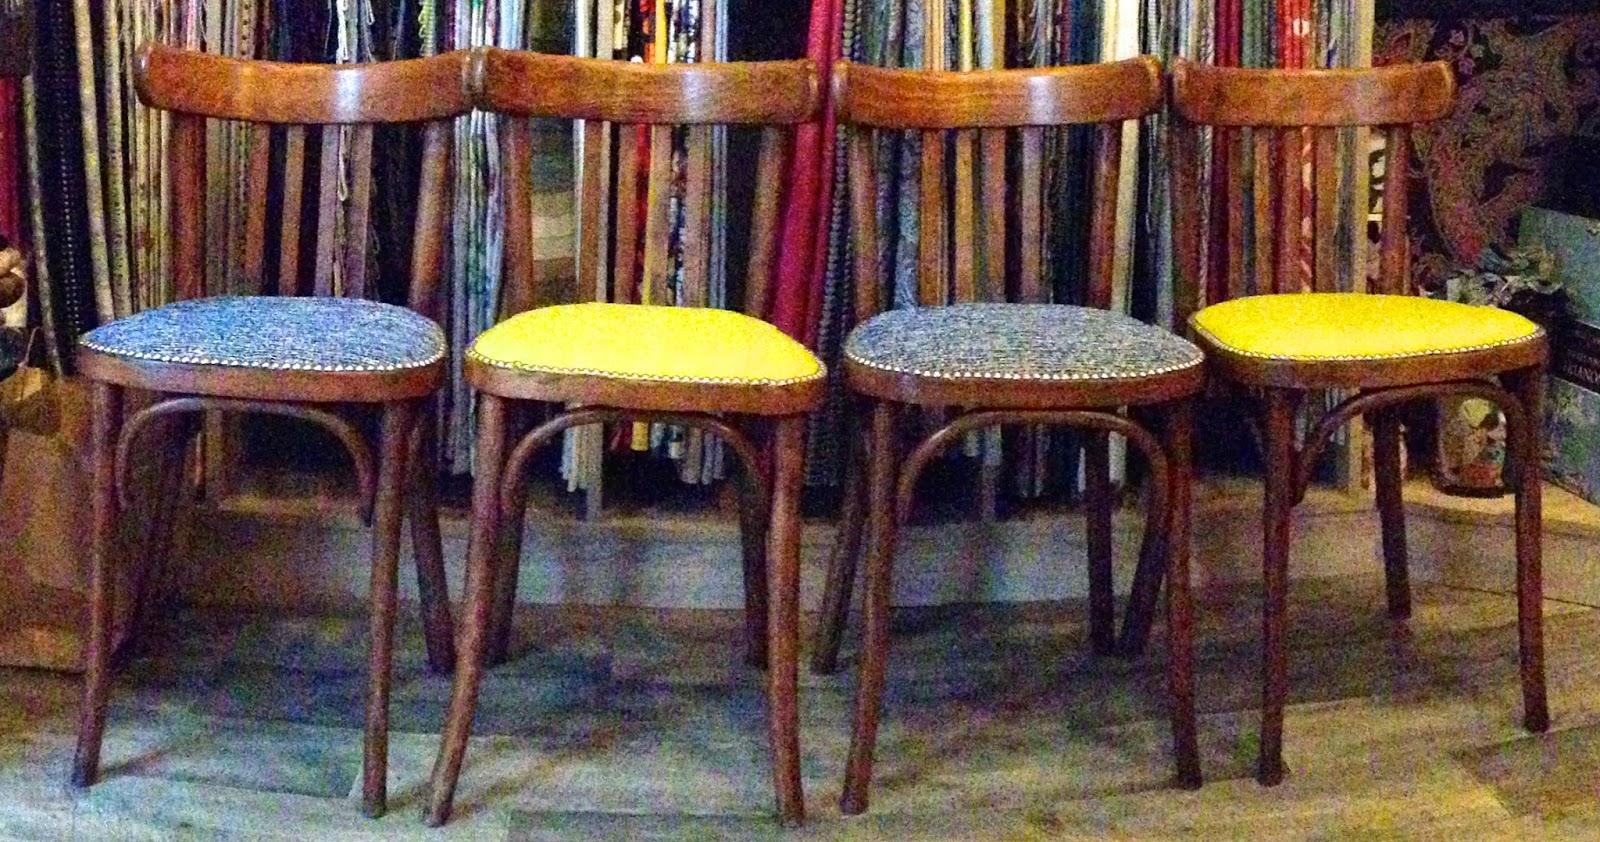 atelier anne lavit artisan tapissier d corateur 69007 lyon chaises bistrot. Black Bedroom Furniture Sets. Home Design Ideas